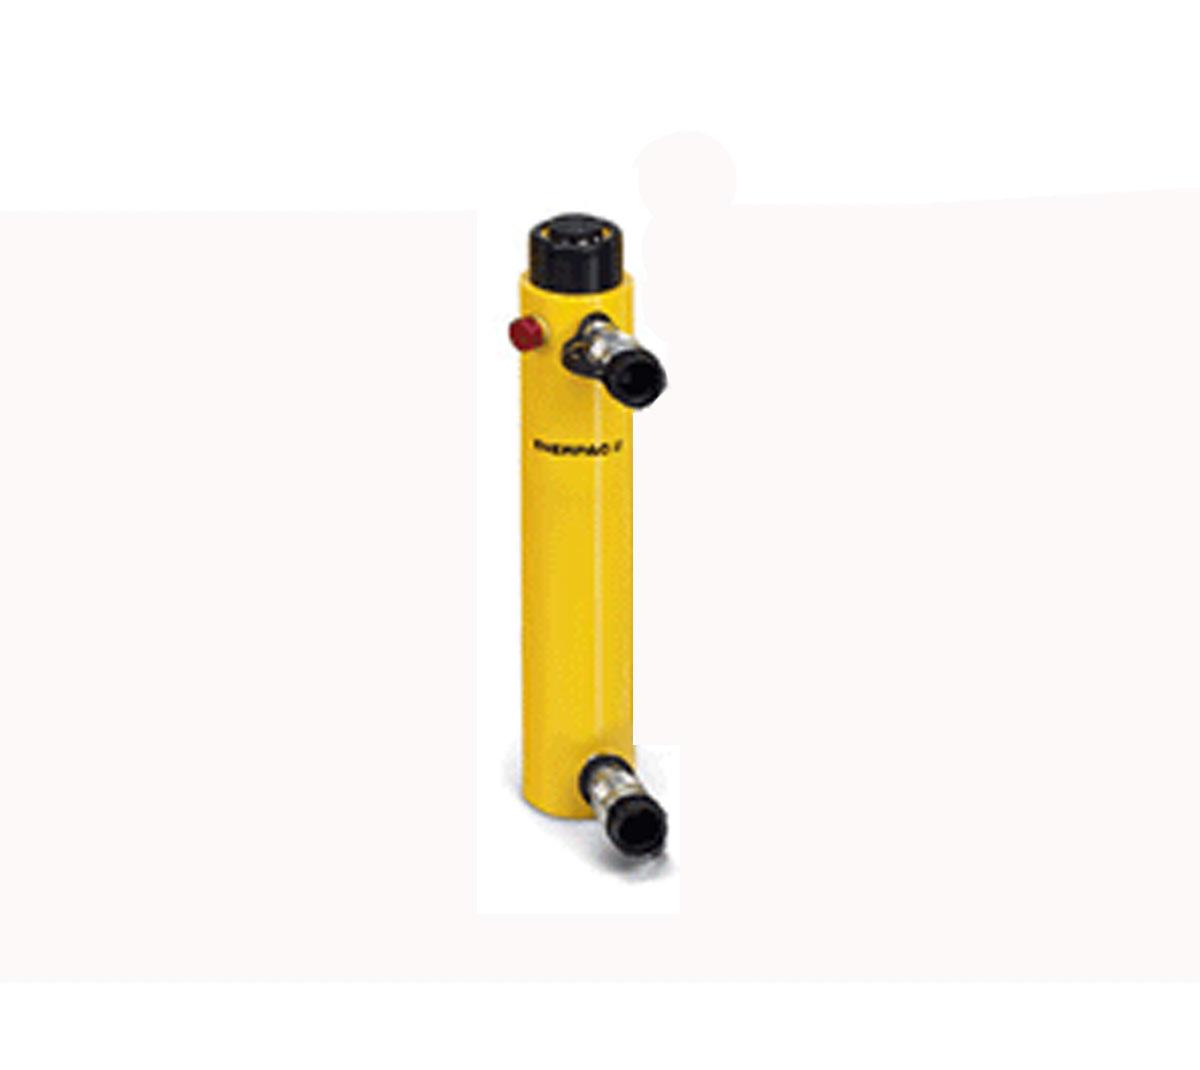 enerpac-rr1010-hydraulic-cylinder-rental